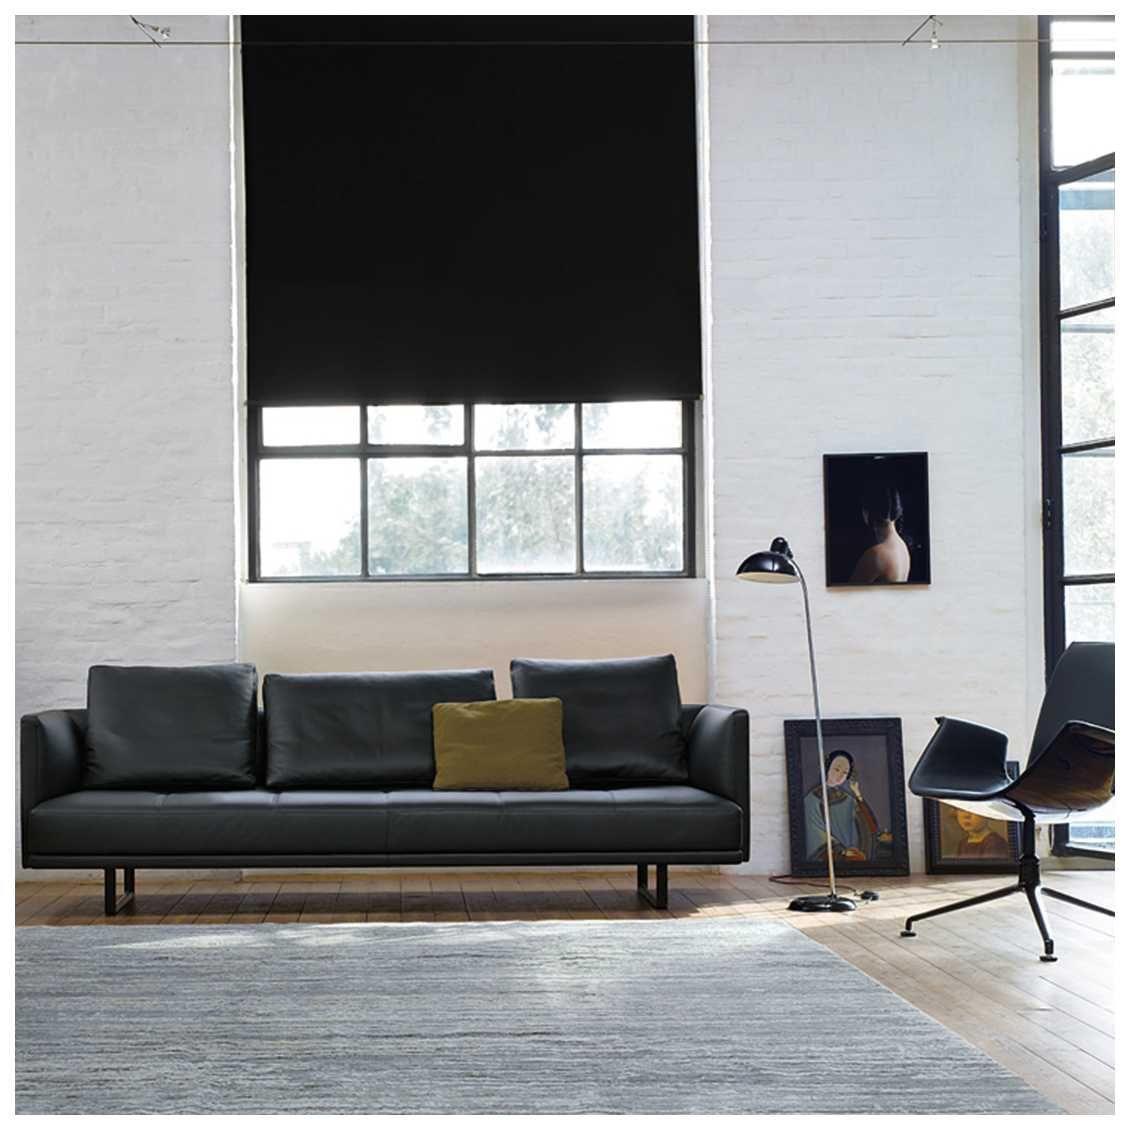 walter knoll prime time bank misterdesign furniture. Black Bedroom Furniture Sets. Home Design Ideas